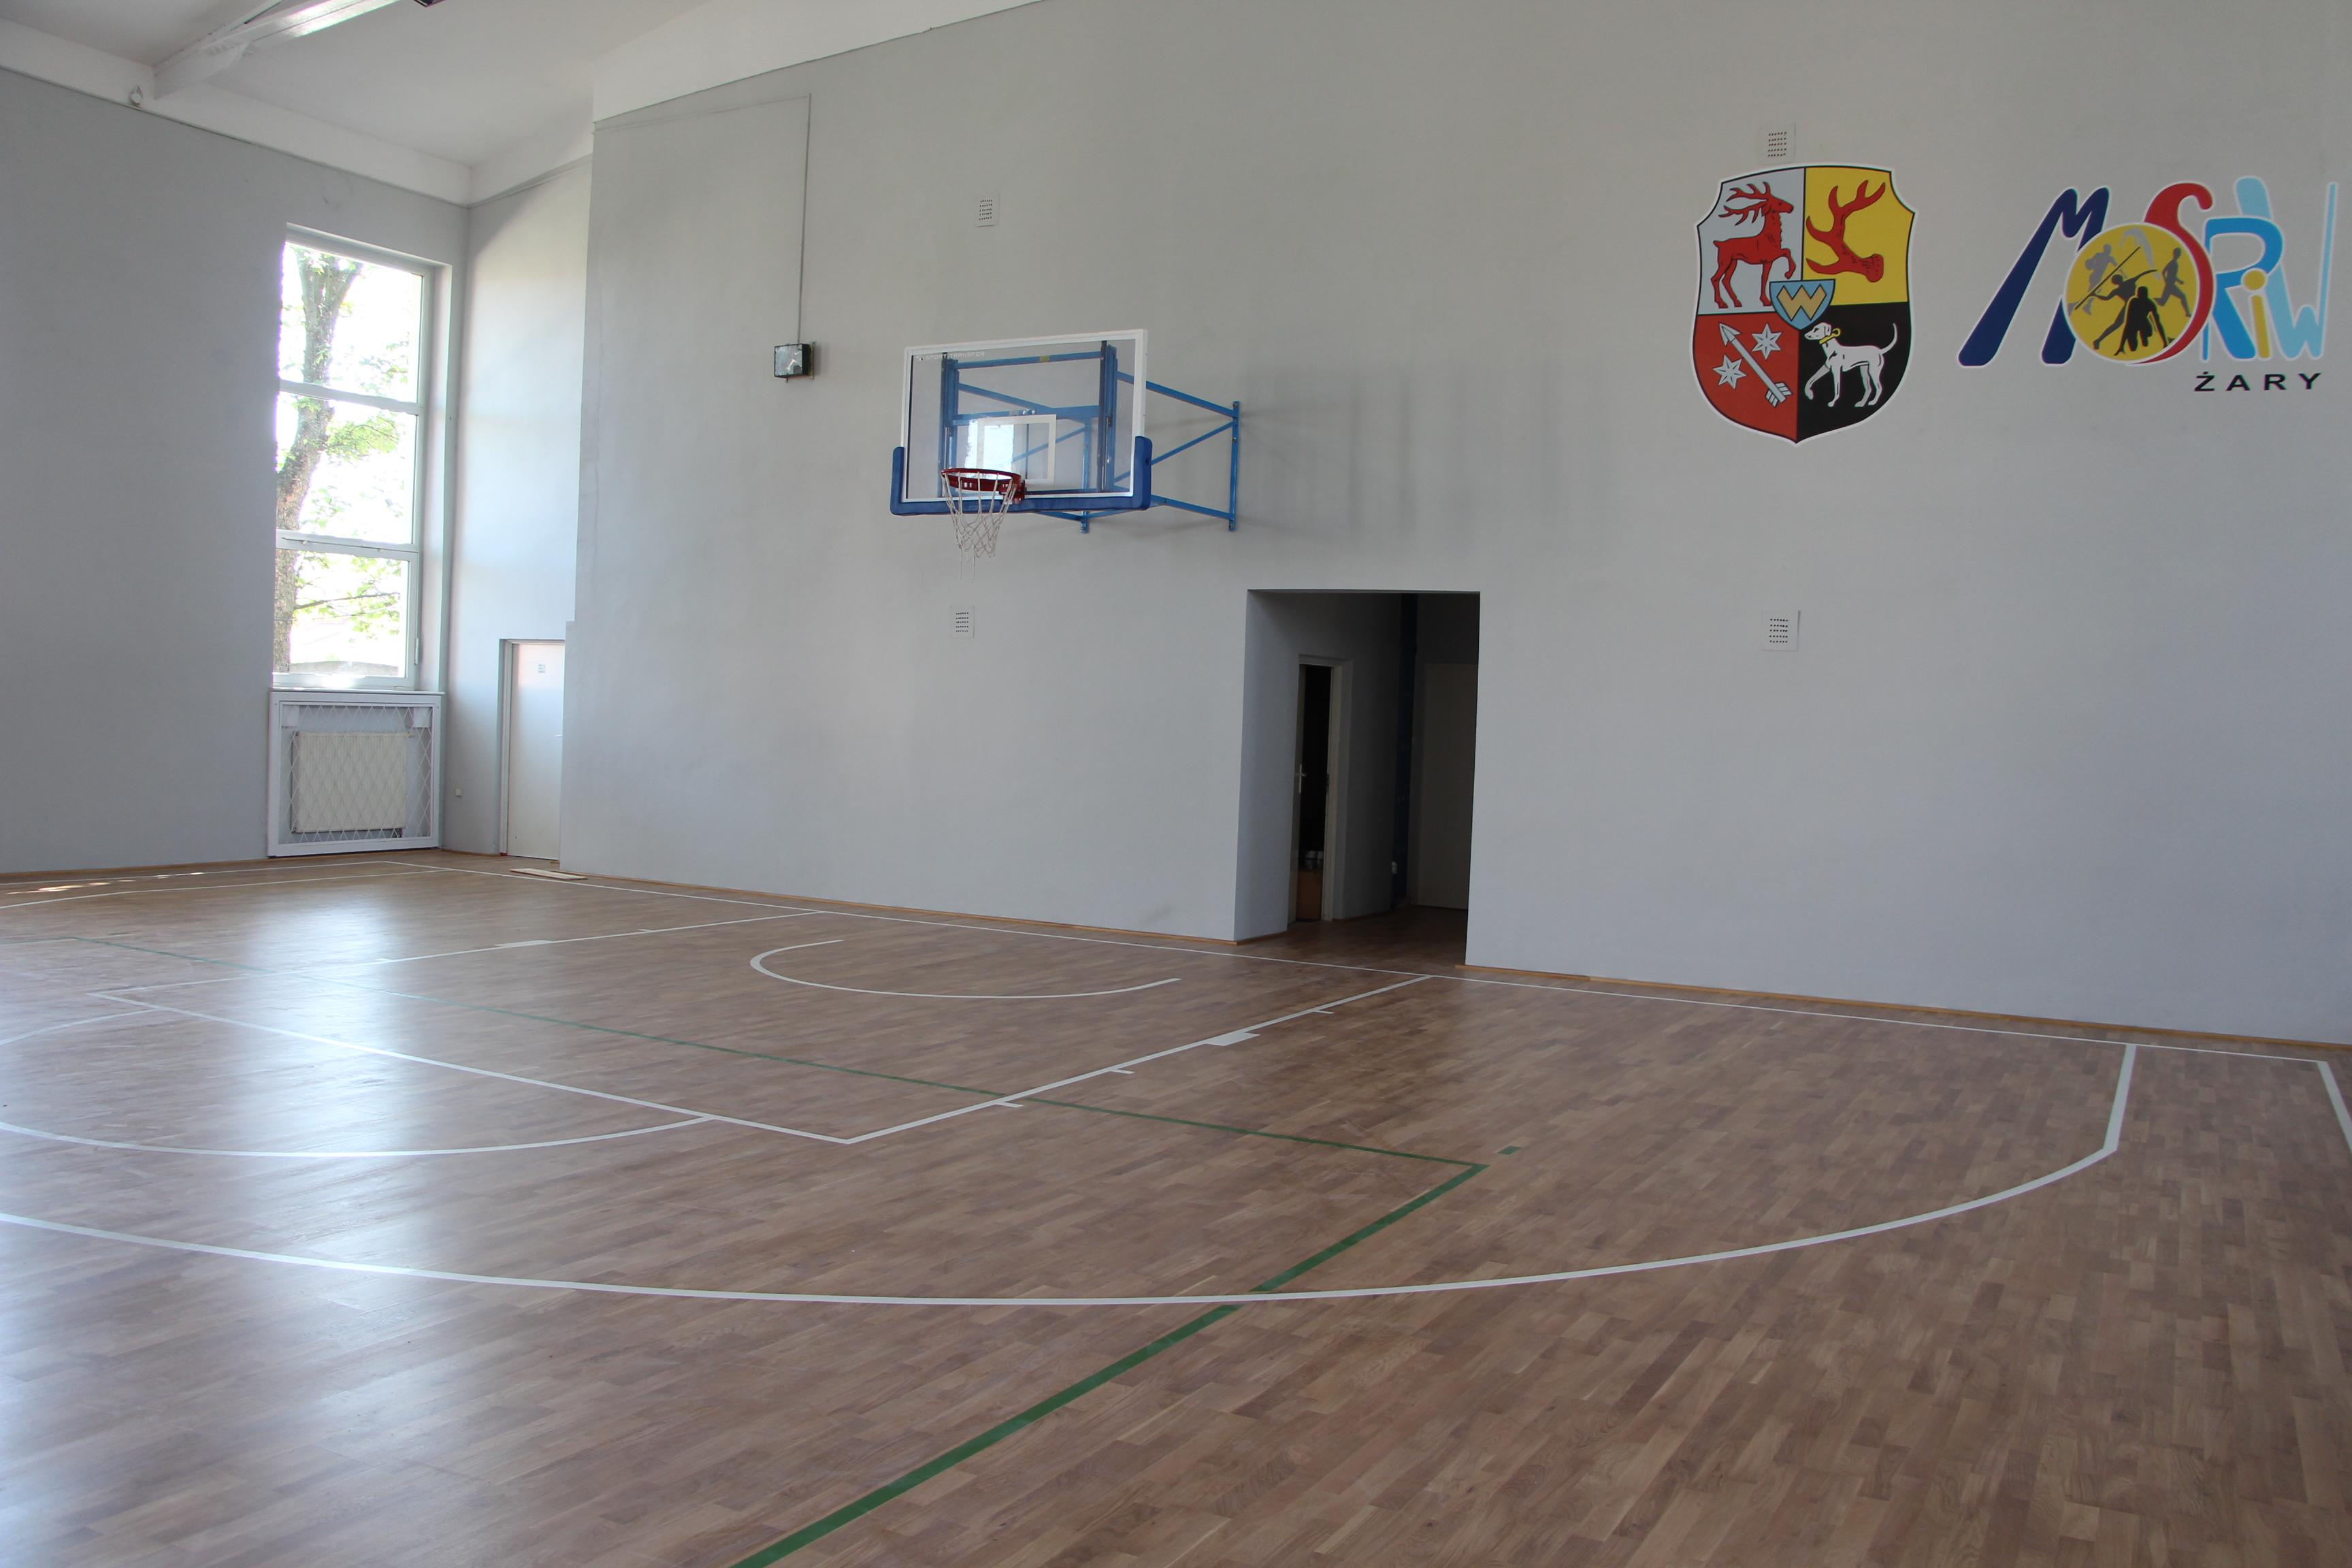 Ilustracja do informacji: Hala sportowa Promień